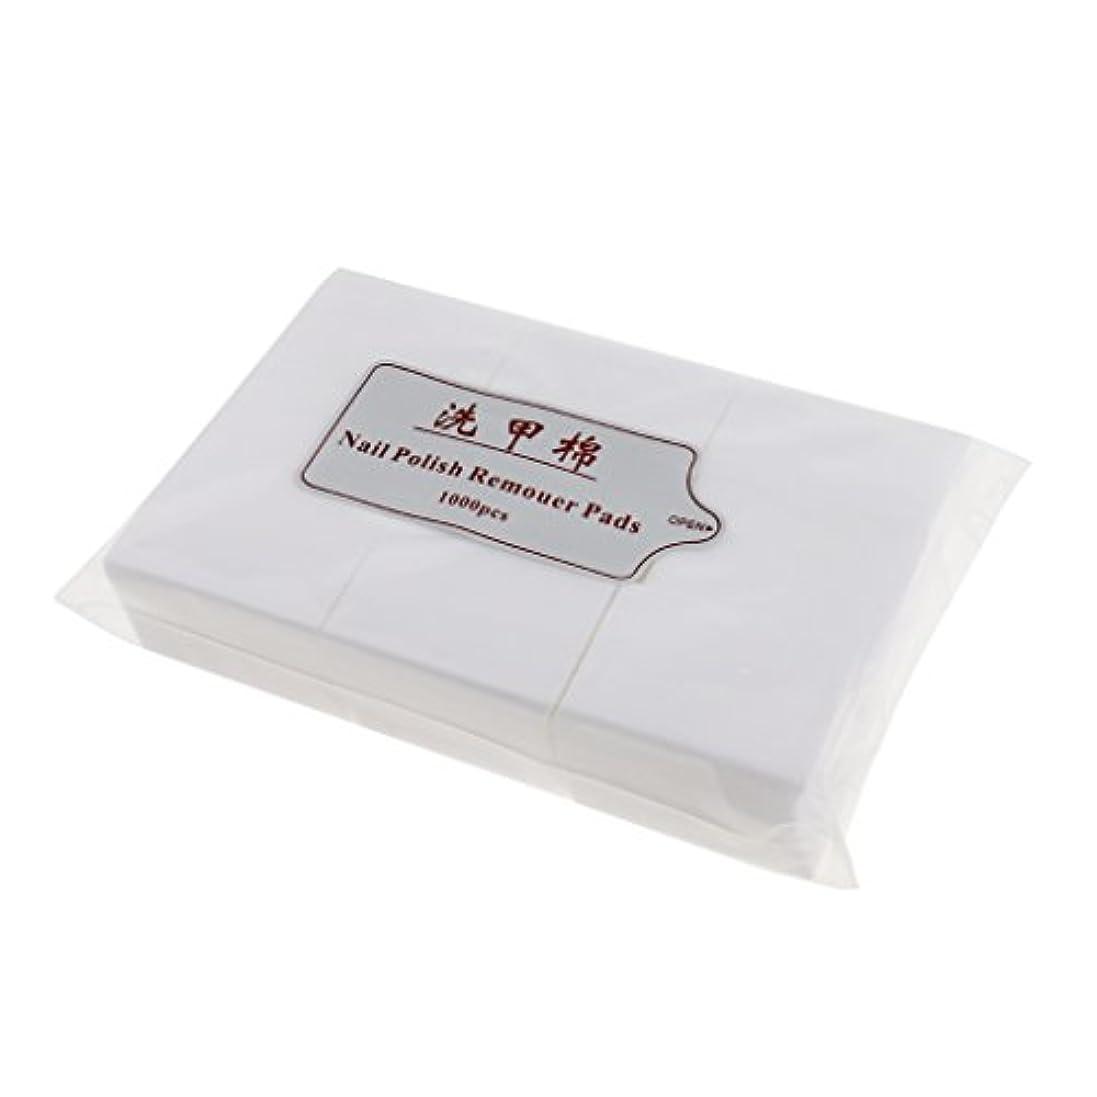 ラフ睡眠アンカー眉Perfk 約1000個 ネイルコットンパッド ネイルアートチップ パッド紙 マニキュア 吸水性 衛生的 ネイルサロン